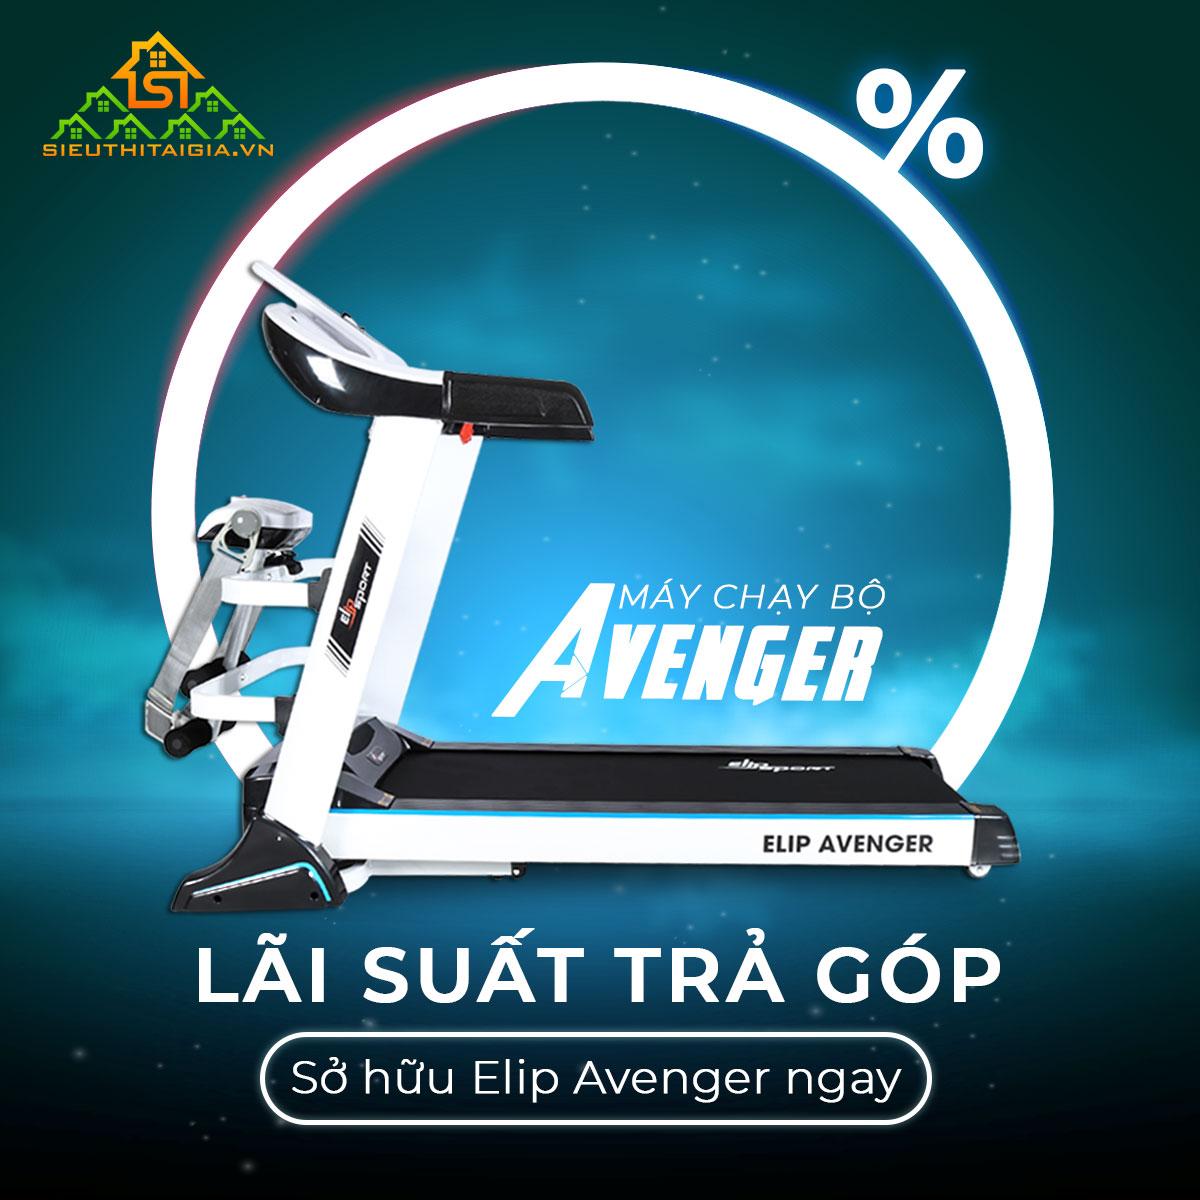 máy chạy bộ điện Elip Avenger